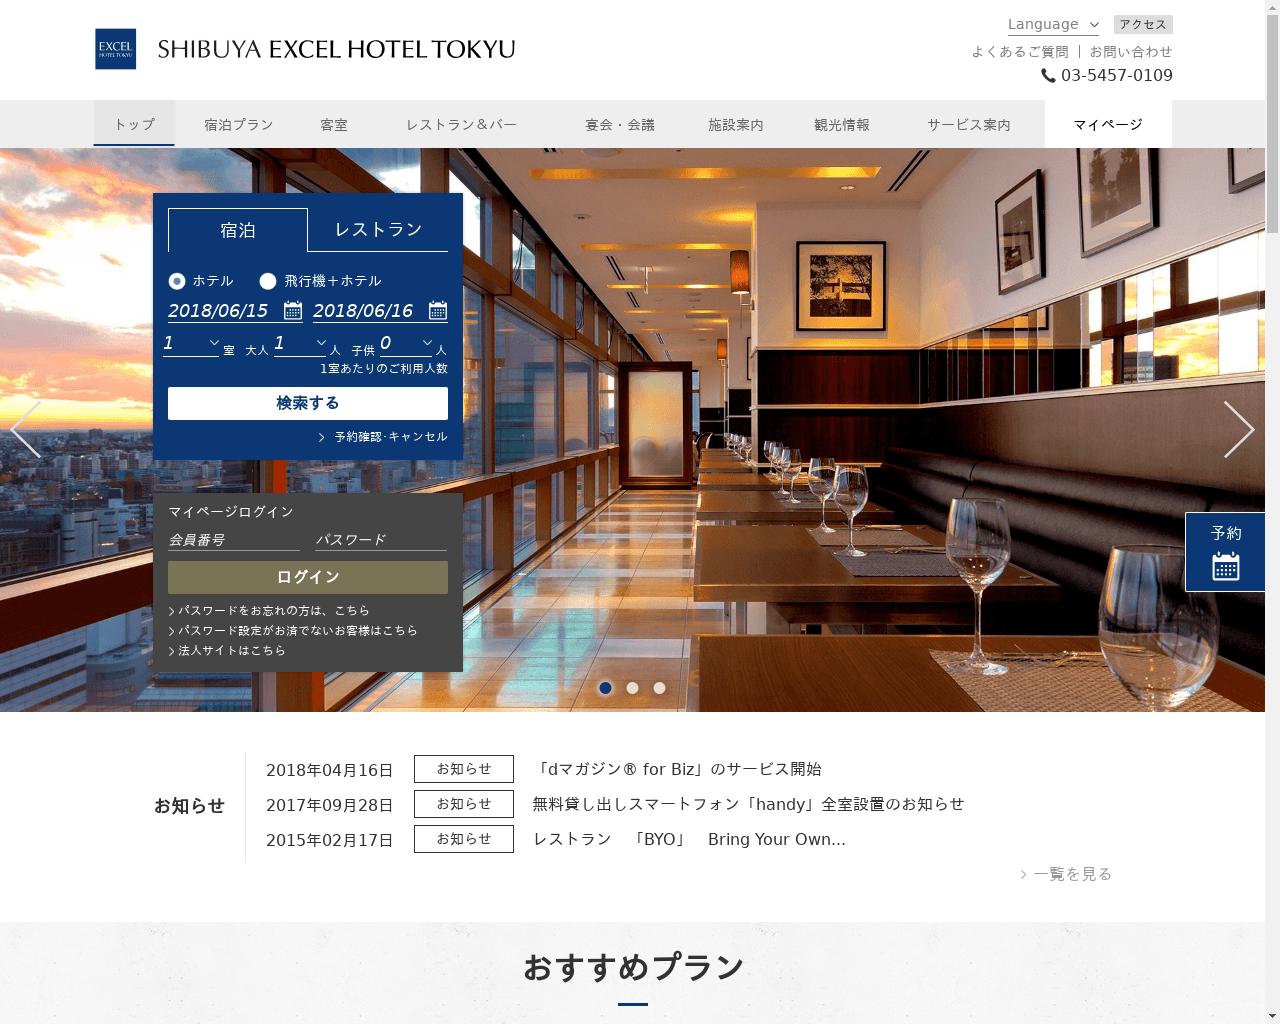 高級ホテル特集 渋谷エクセルホテル東急